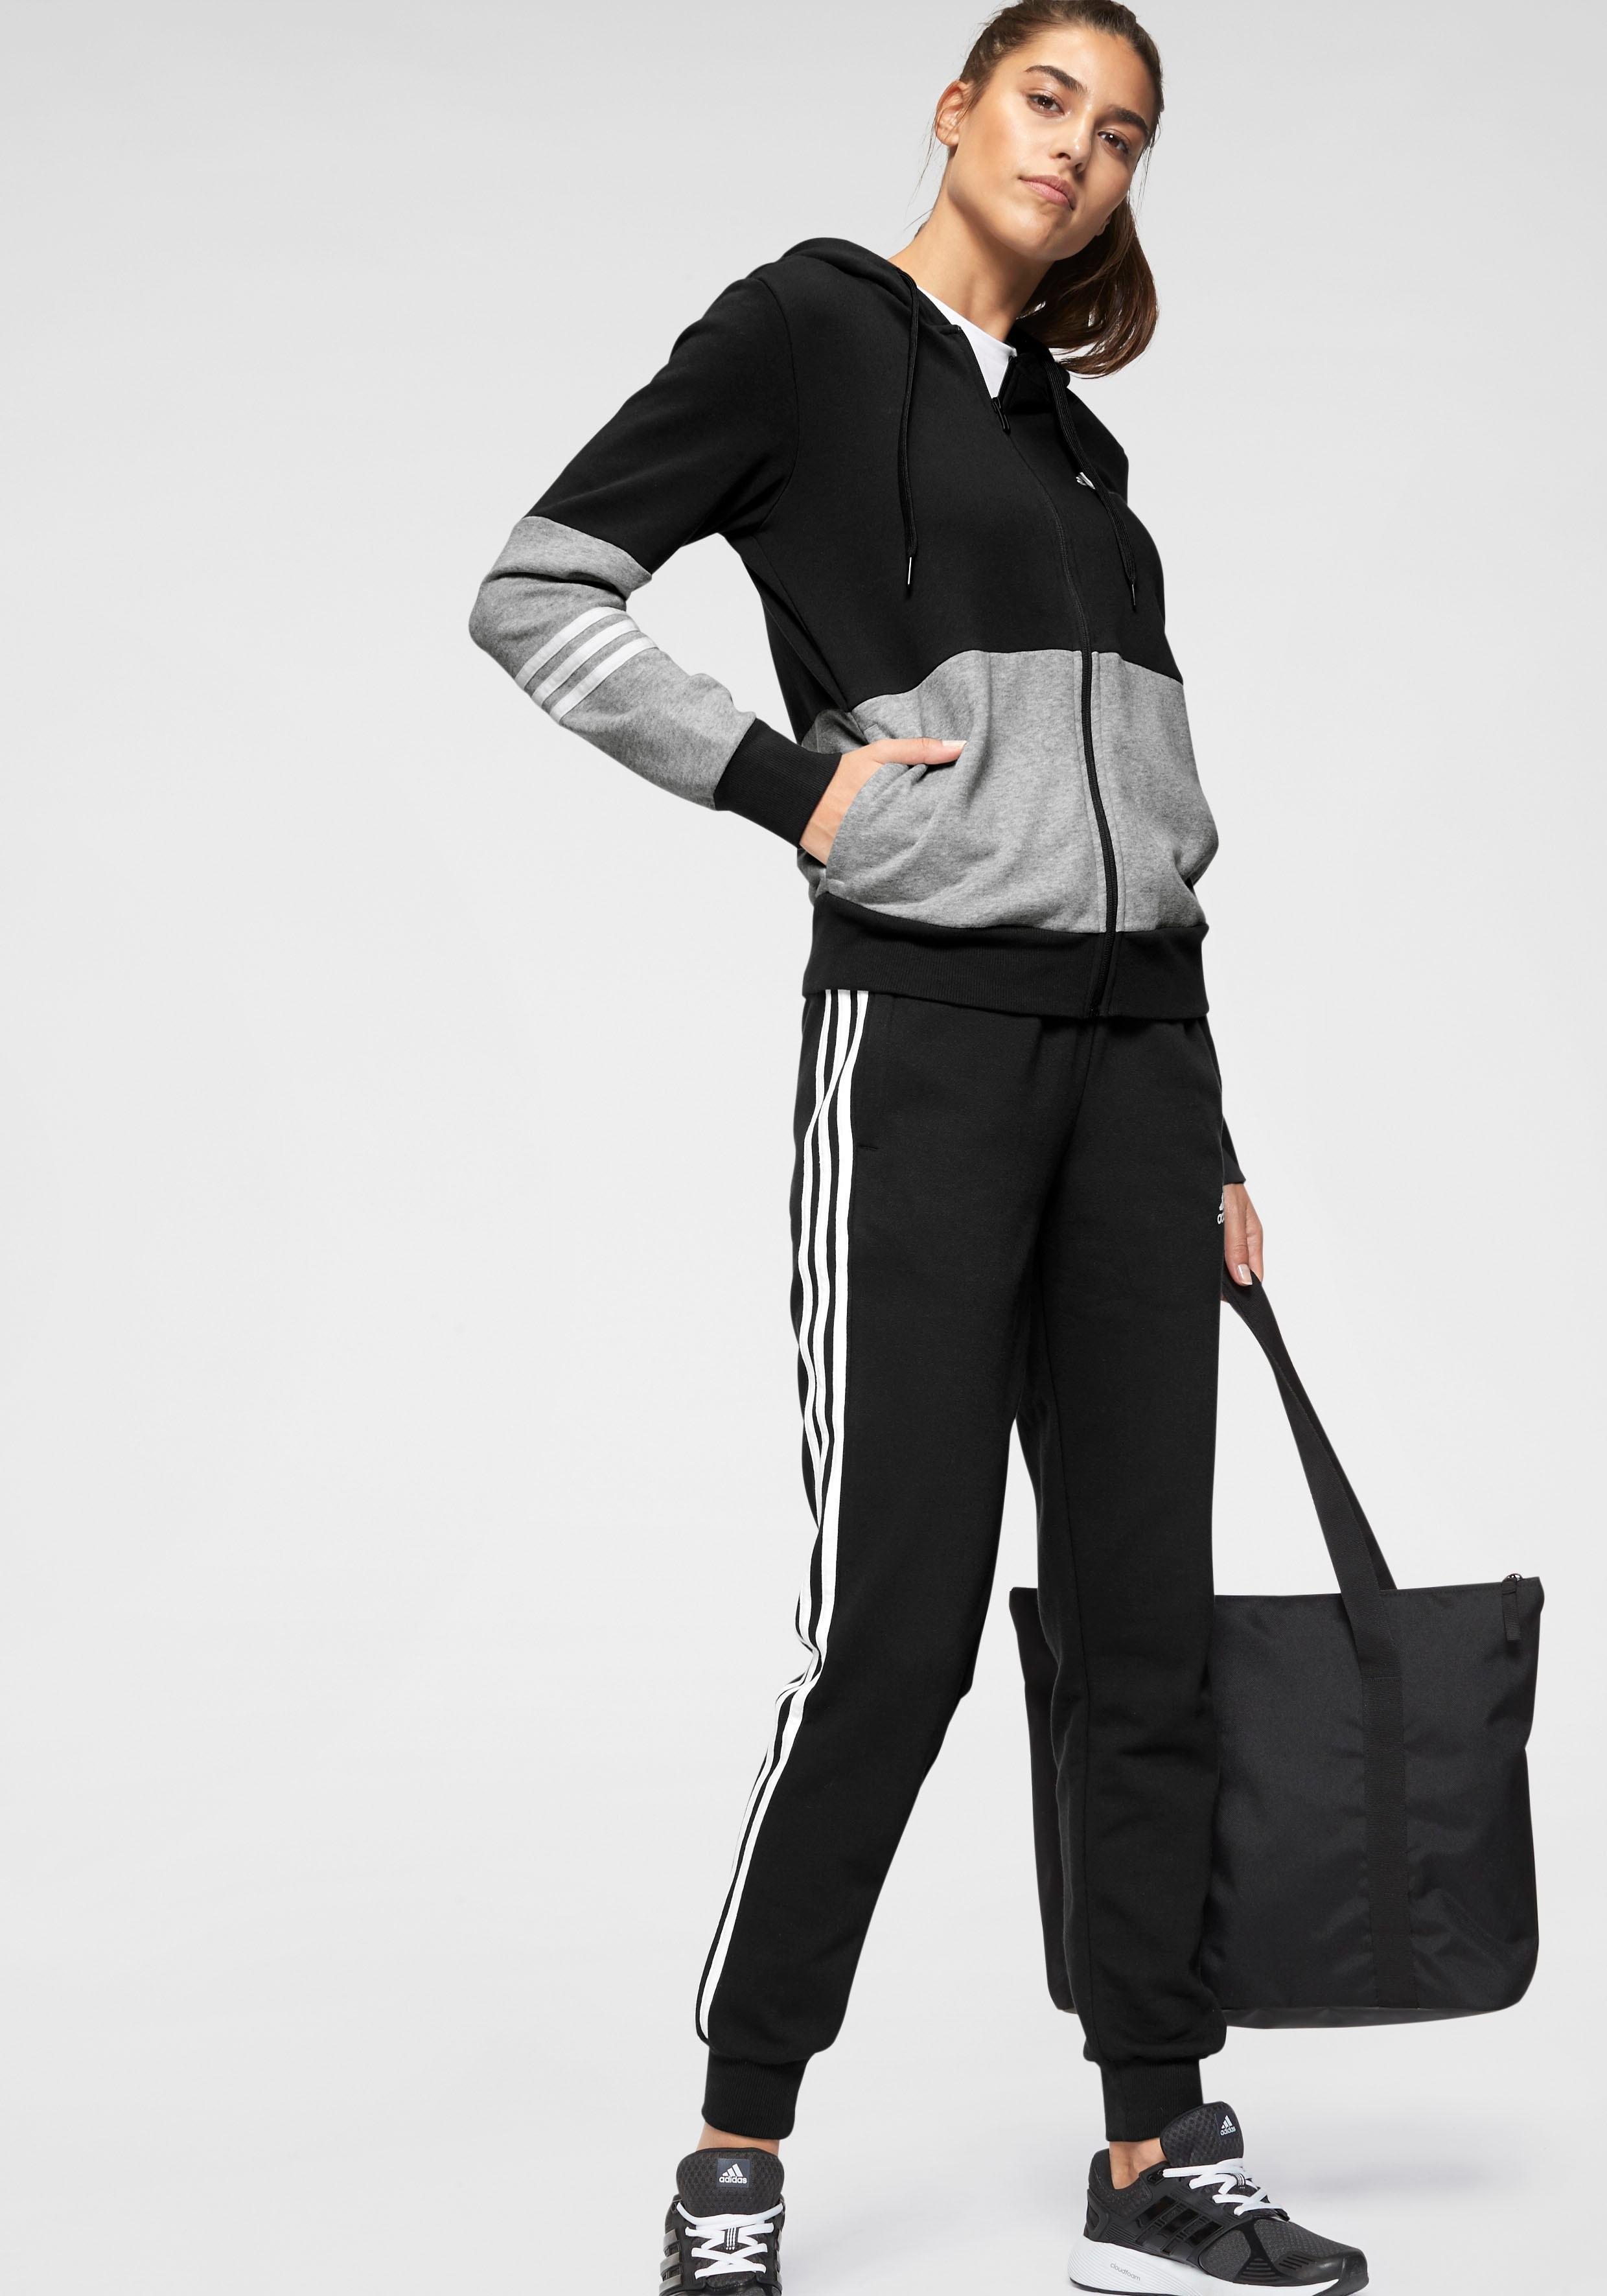 adidas Performance joggingpak »TRACKSUIT COTTON ENERGIZE« nu online bestellen